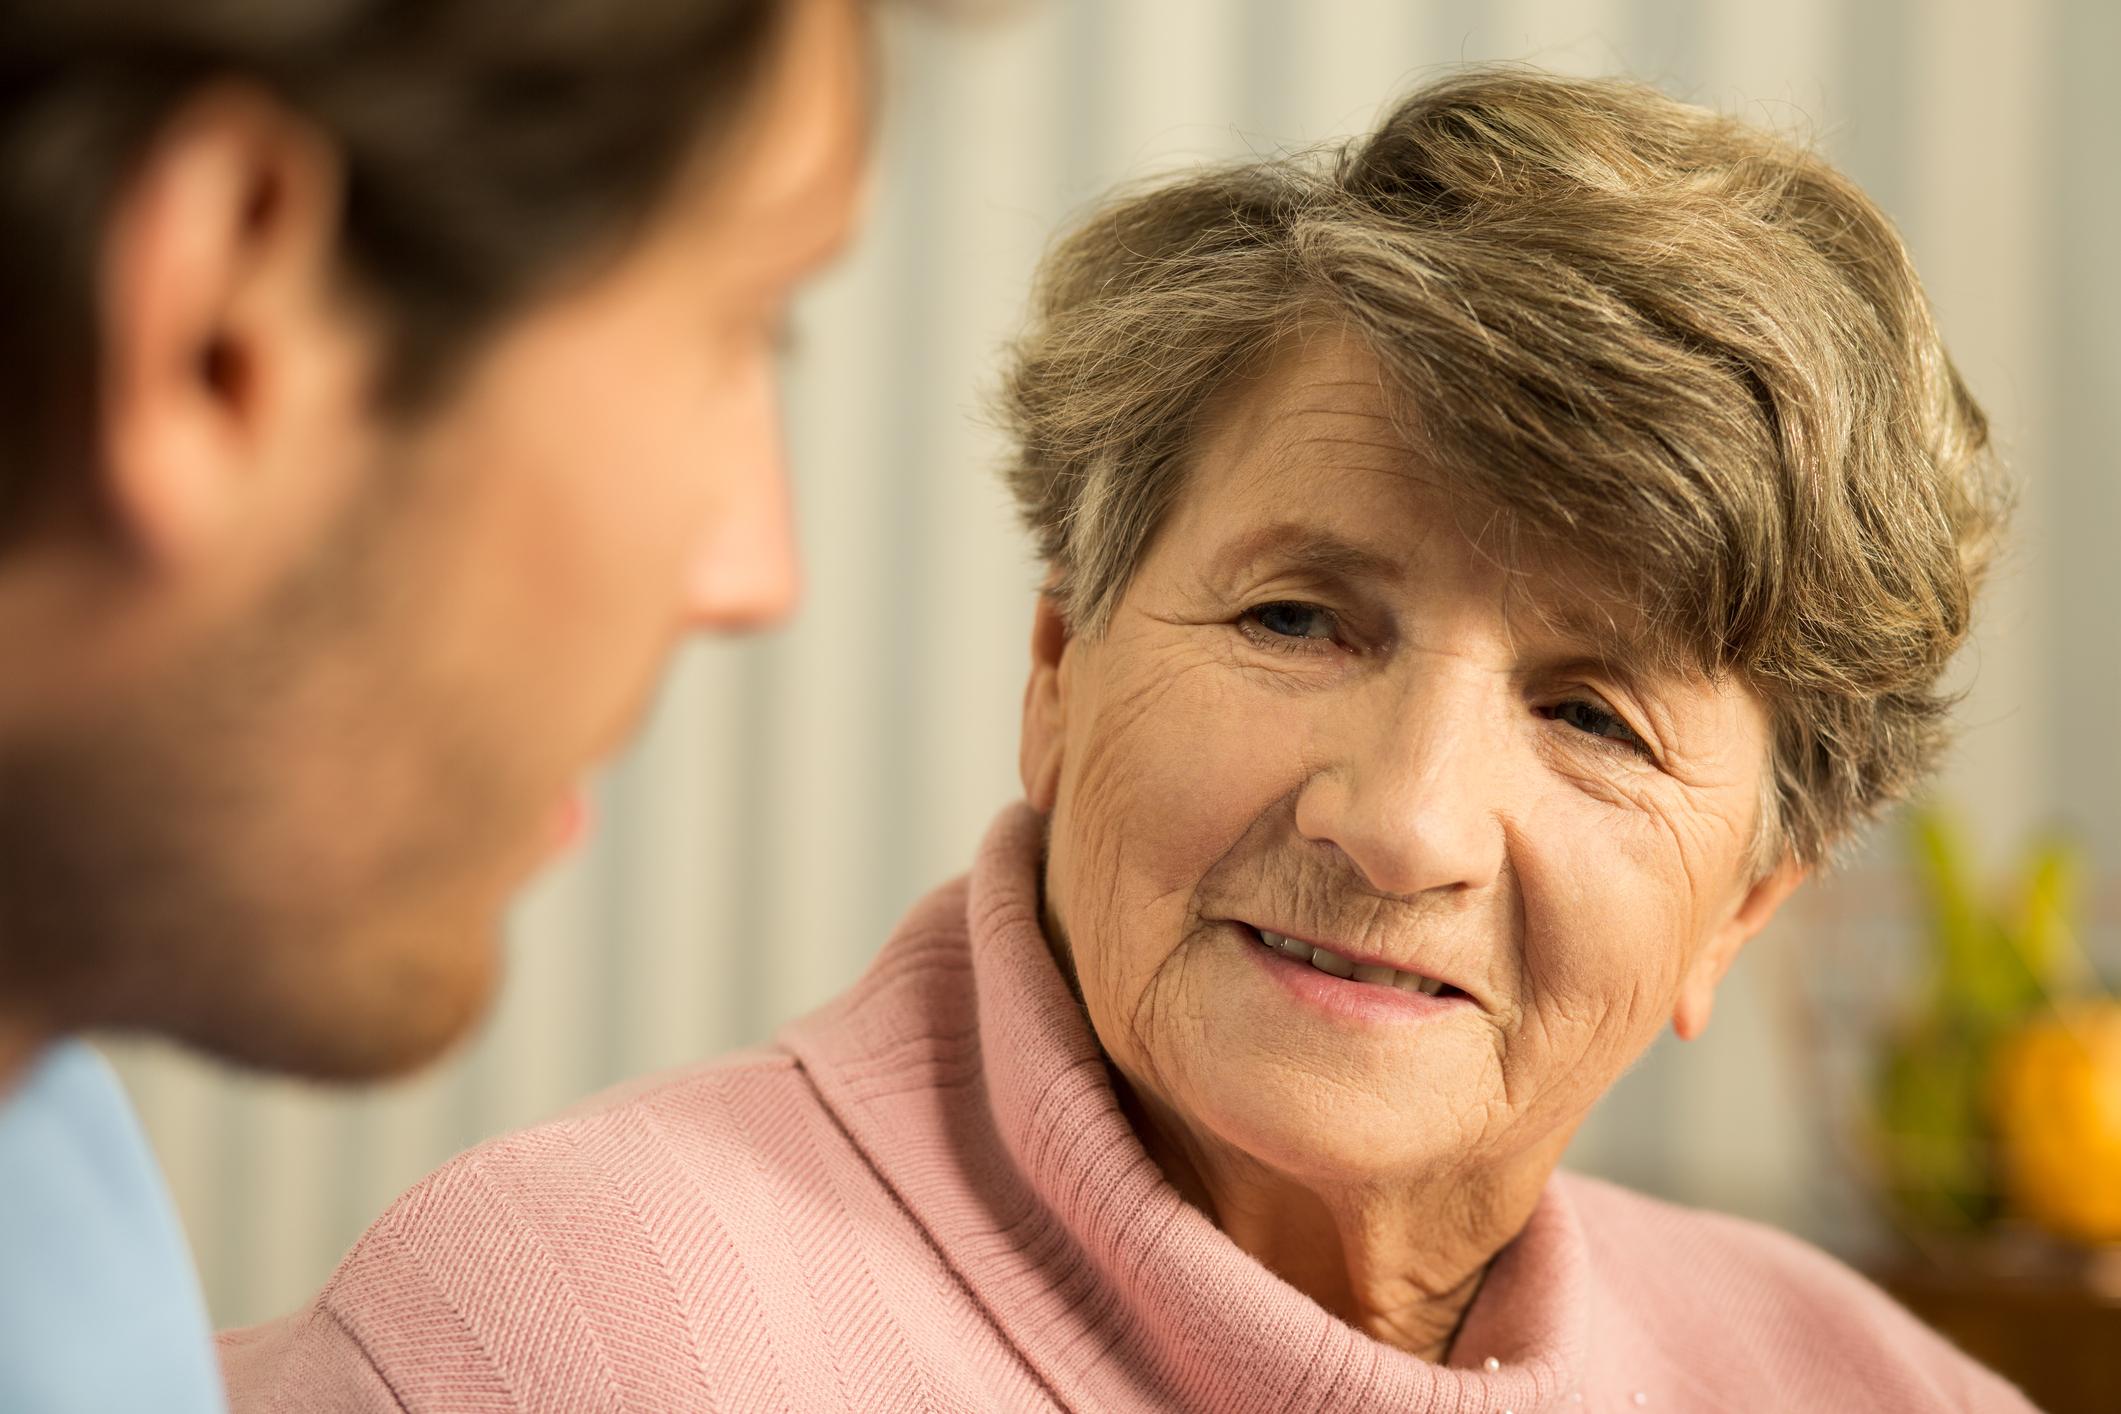 Senior woman talking to younger man